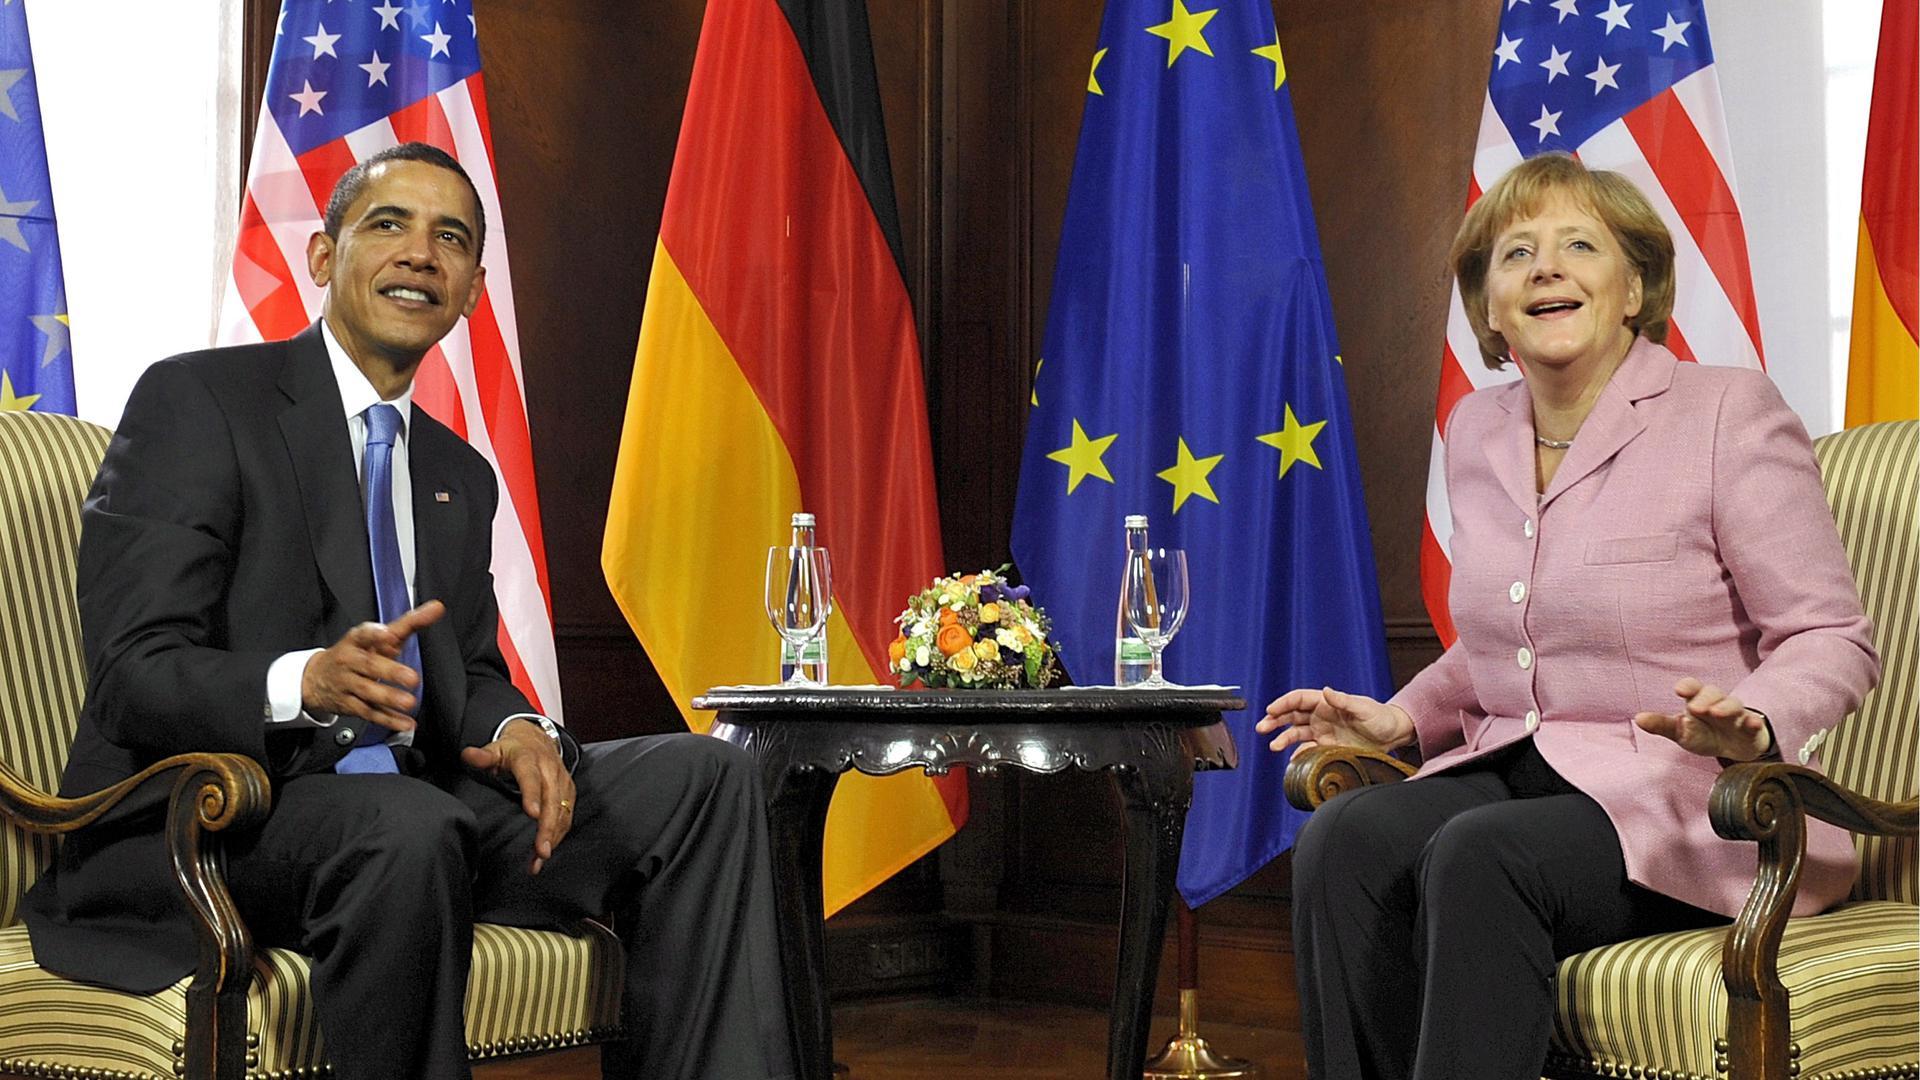 """Bundeskanzlerin Angela Merkel (CDU) und US-Praesident Barack Obama sitzen am Freitag (03.04.09) in Baden-Baden im Vorfeld des Nato-Gipfels zu einem bilateralen Gespraech zusammen. Mit einem """"Doppel-Gipfel"""" in Deutschland und Frankreich begeht die NATO am Freitag und Samstag (04.04.09) den 60. Jahrestag ihrer Gruendung. Im Jahr 1949 wurde das westliche Verteidigungsbuendnis von den USA und Kanada zusammen mit zehn europaeischen Staaten gegruendet. Deutschland trat der Allianz 1955 bei. Foto: Joerg Koch   +++(c) dpa - Bildfunk+++ Baden-Baden Nato-Gipfel 3. April 2009"""